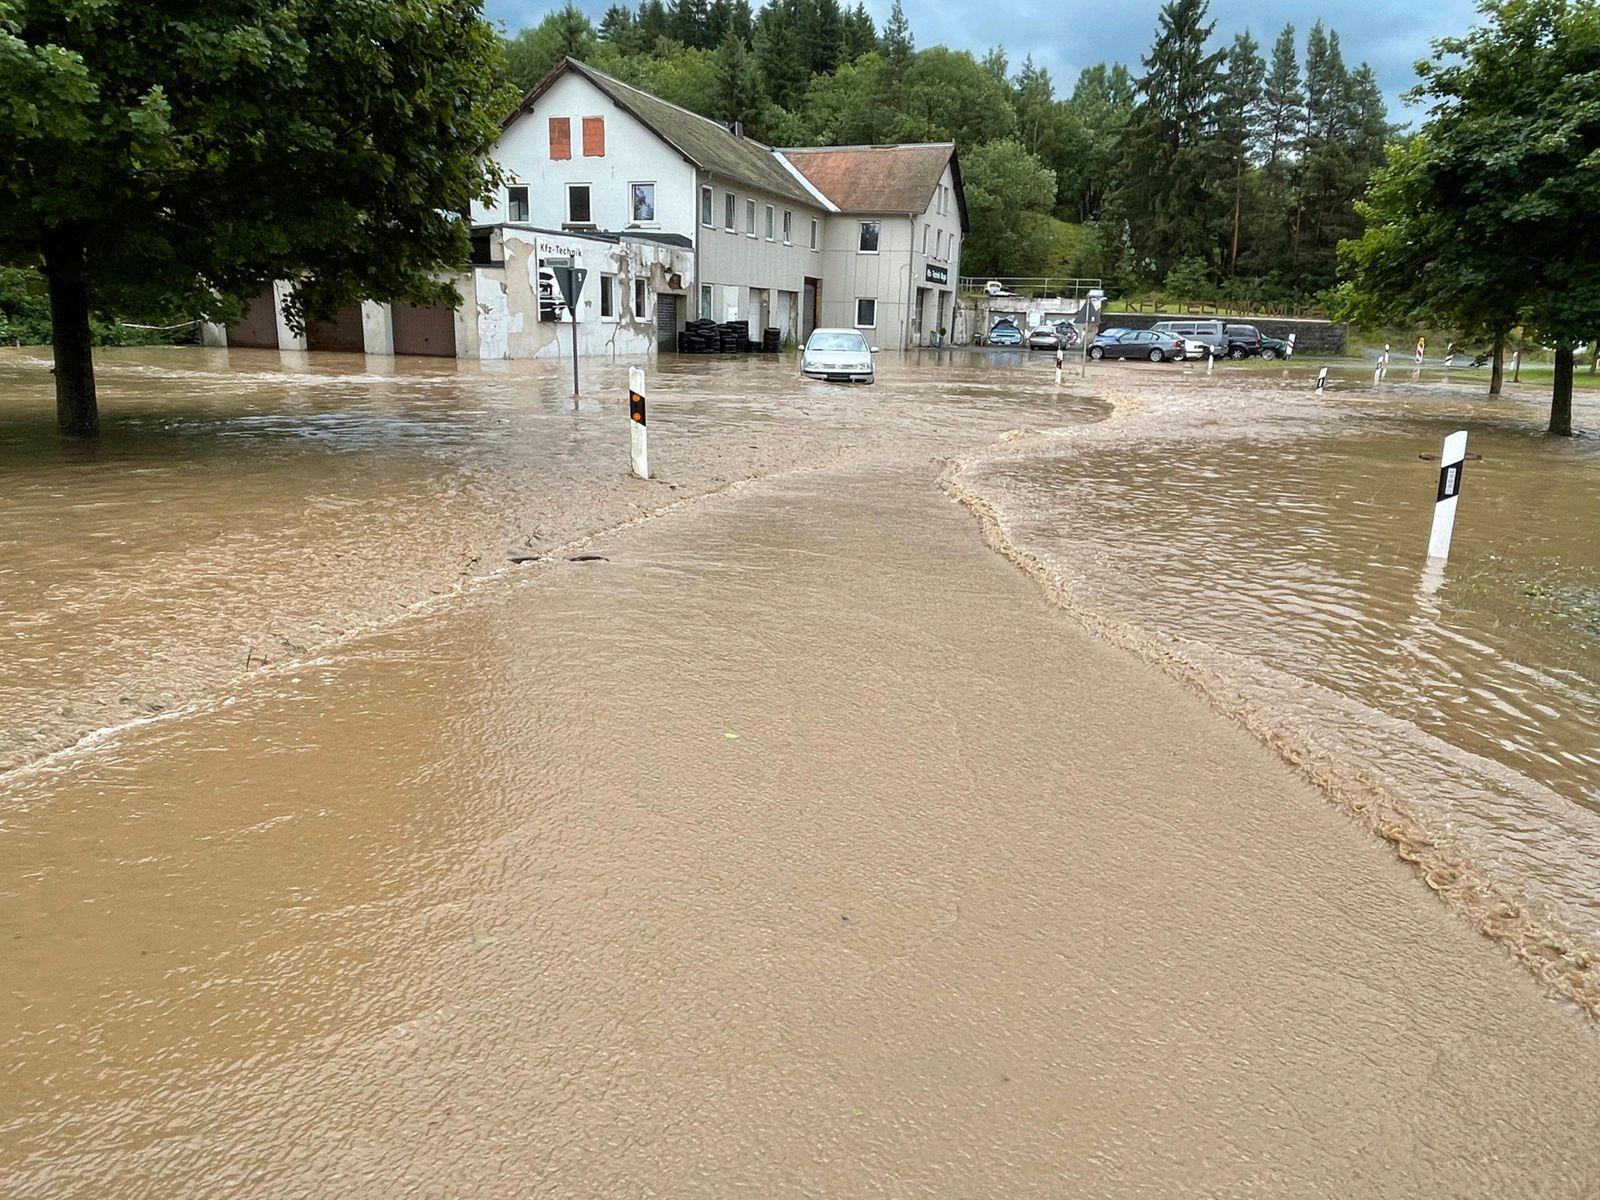 ID 339 Land unter in Selbitz. Katastrophale Zustände in der bayrischen Gemeinde. So ein Hochwasser haben die Menschen h